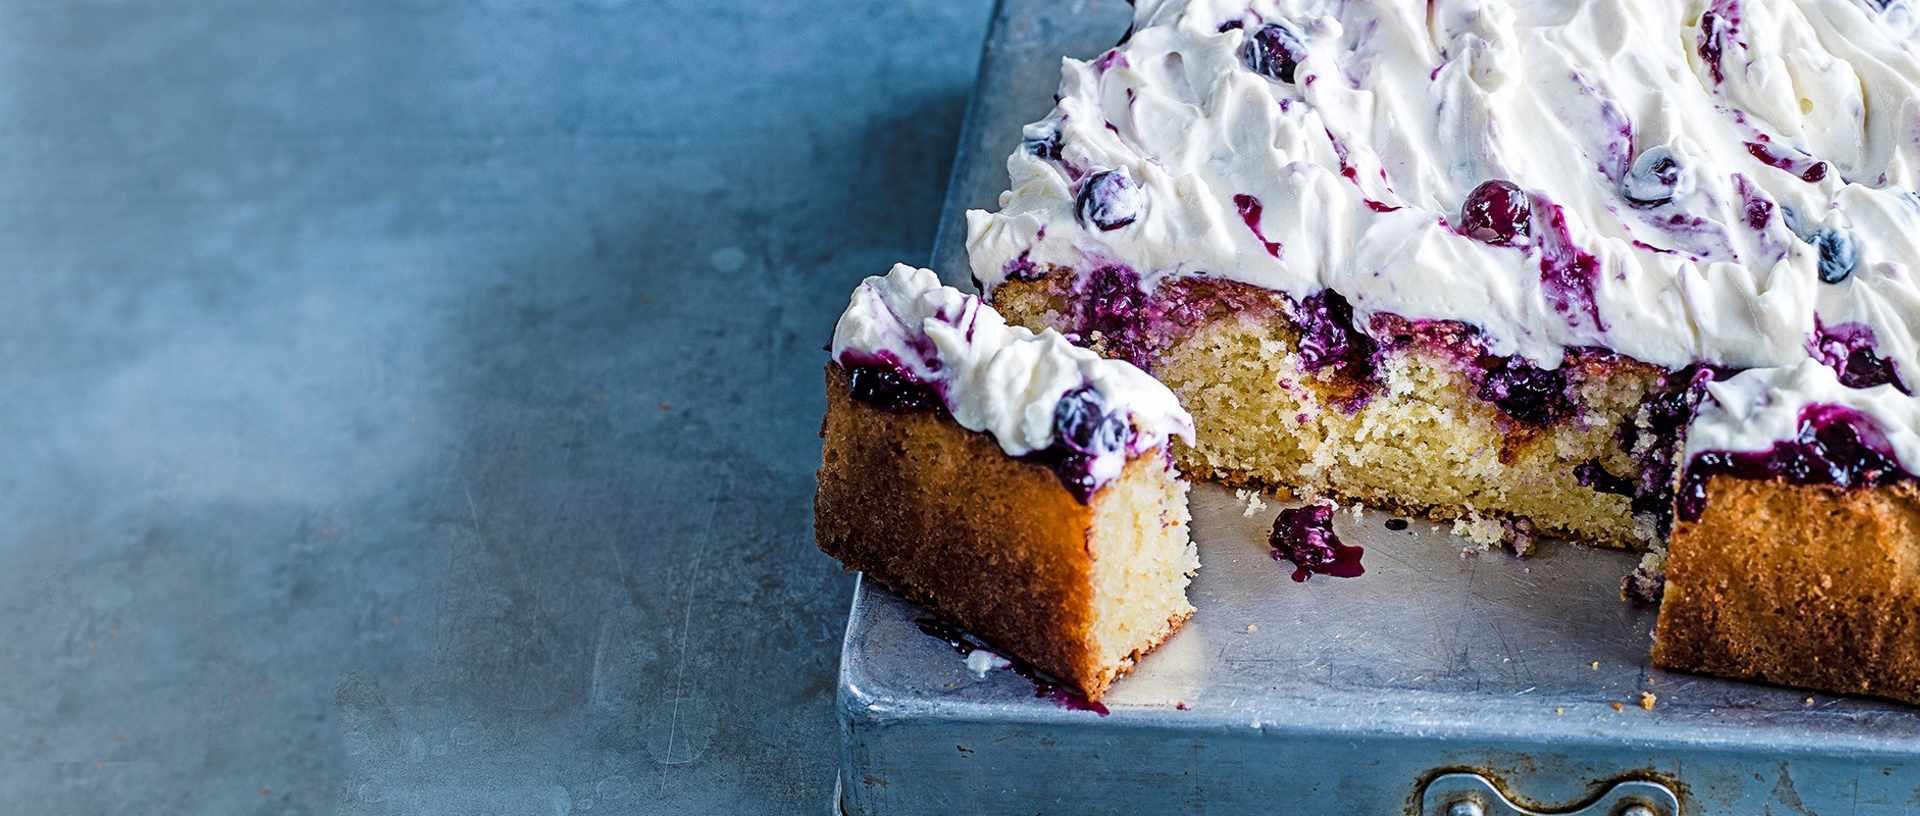 Lemon and blueberry poke cake